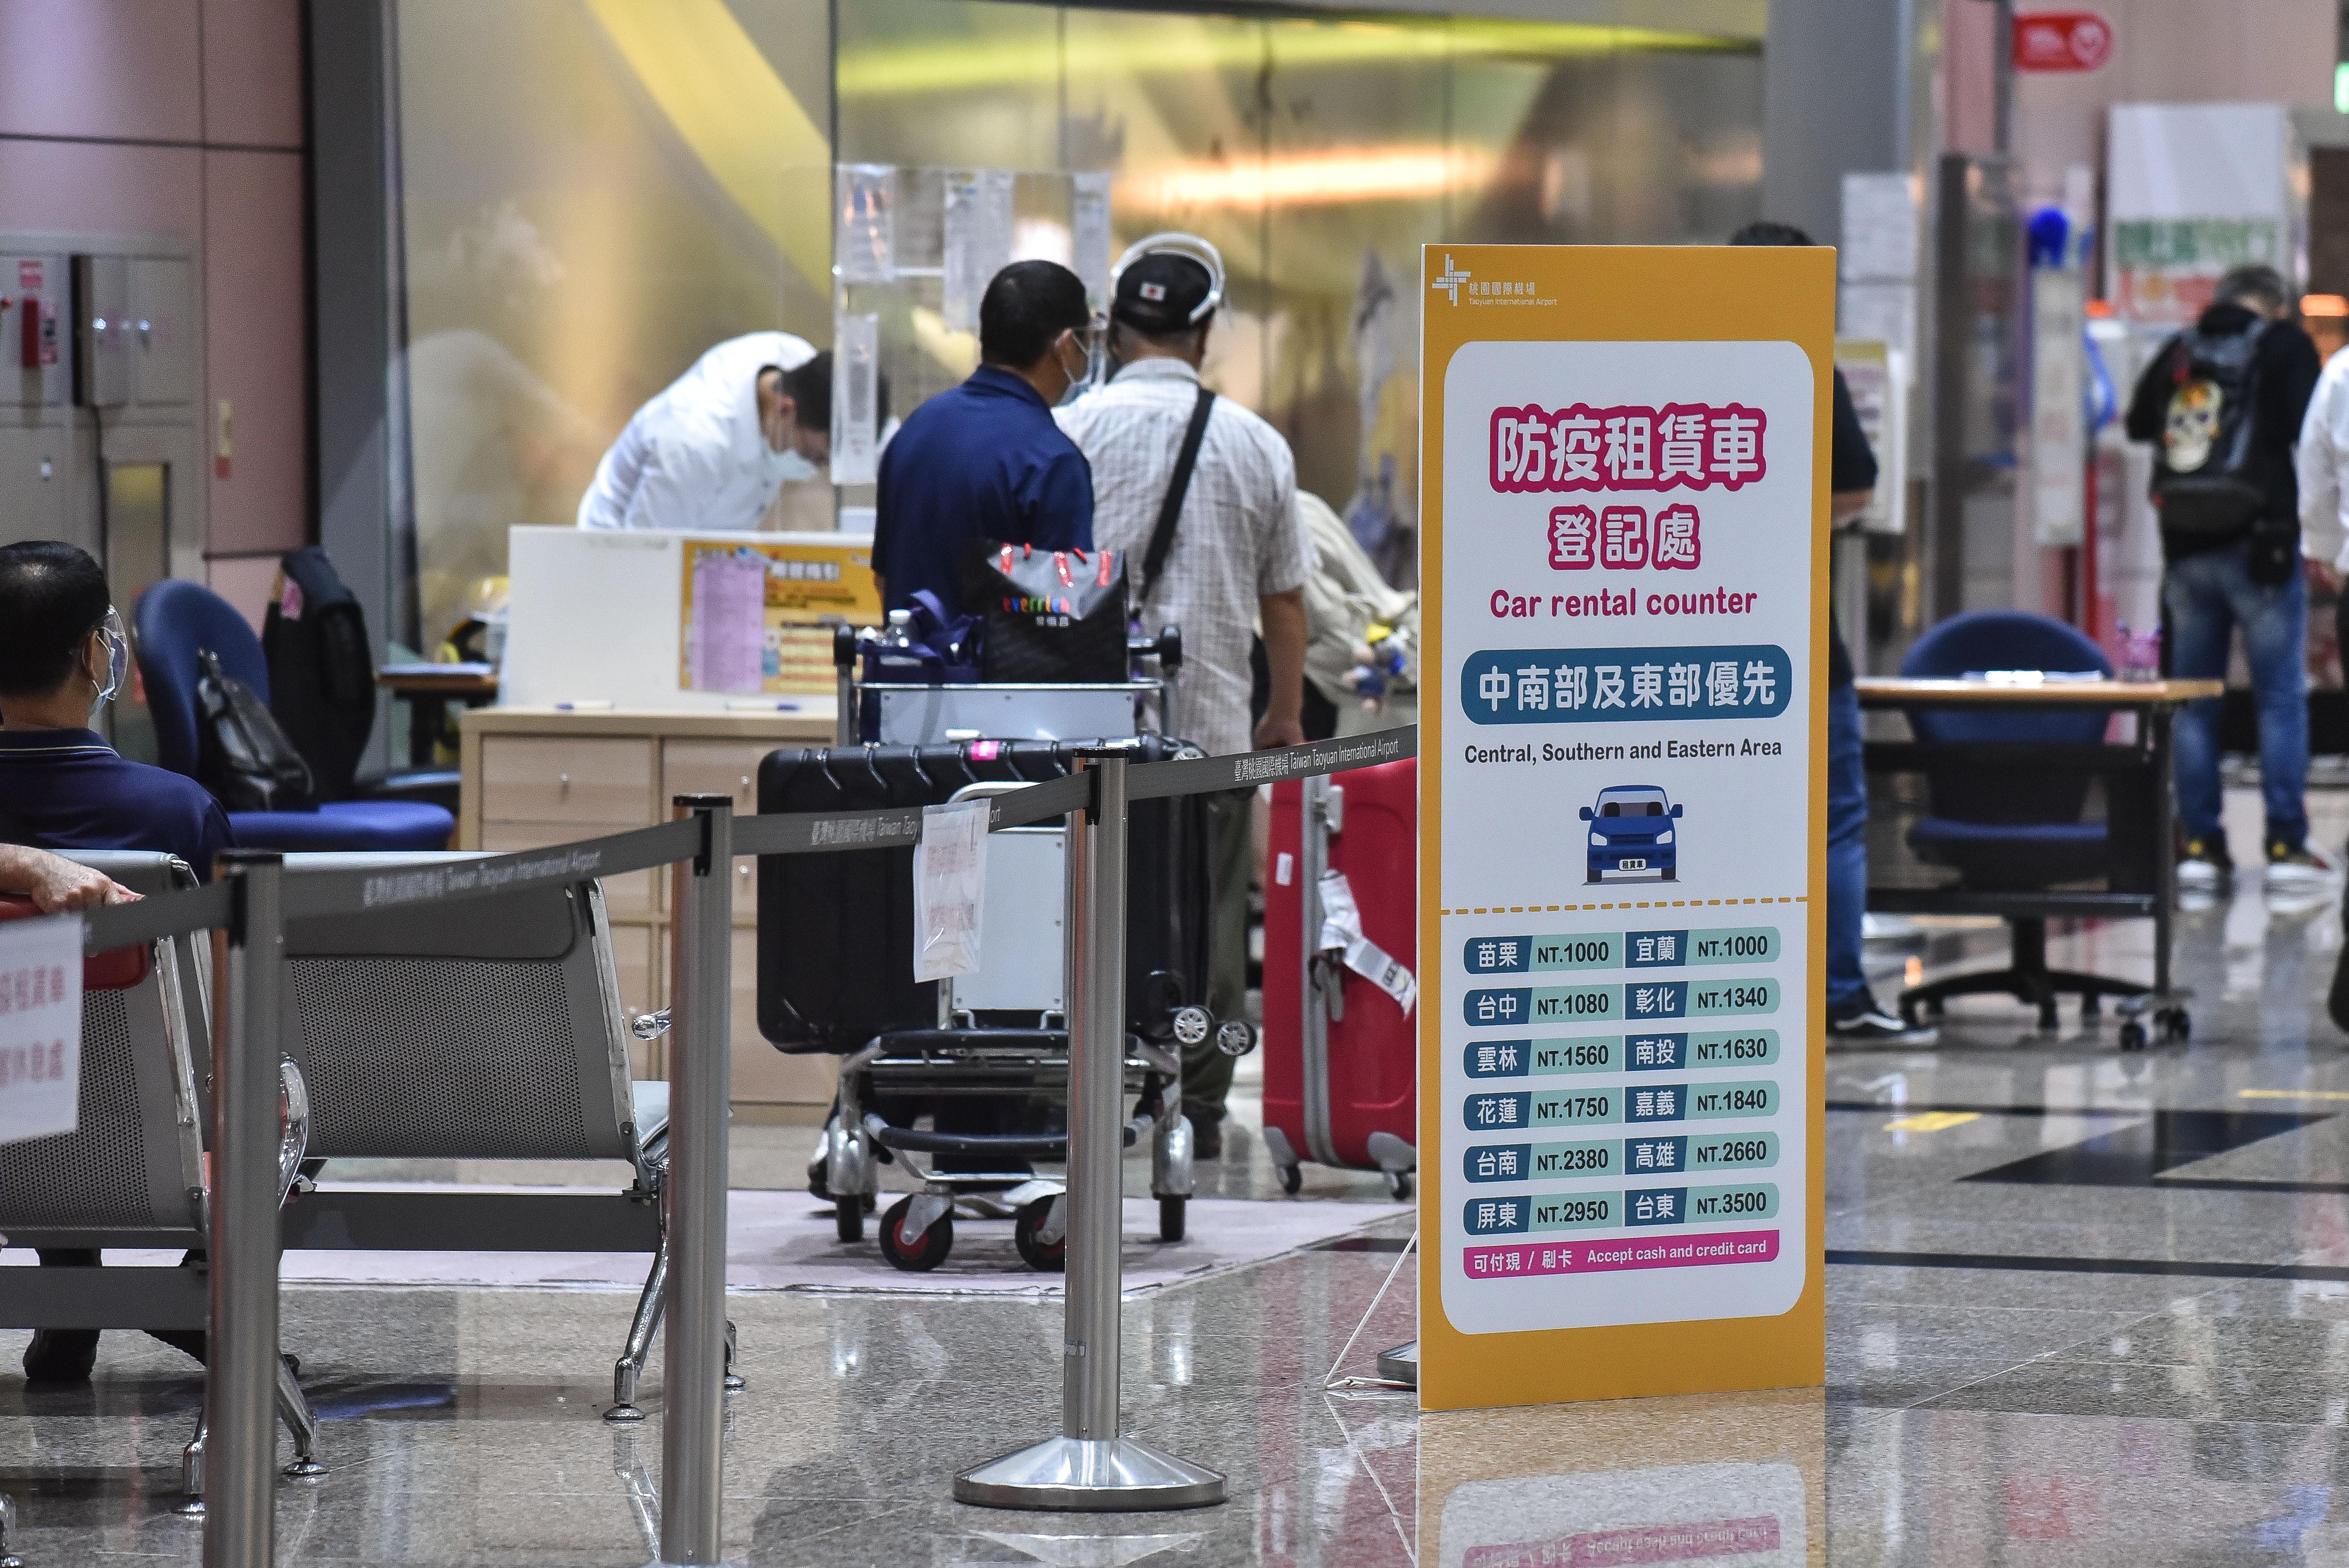 COVID-19,變種病毒,紓困,振興,全球疫情,拜登,經濟,內需,中國,日本,歐洲,出口,群體免疫